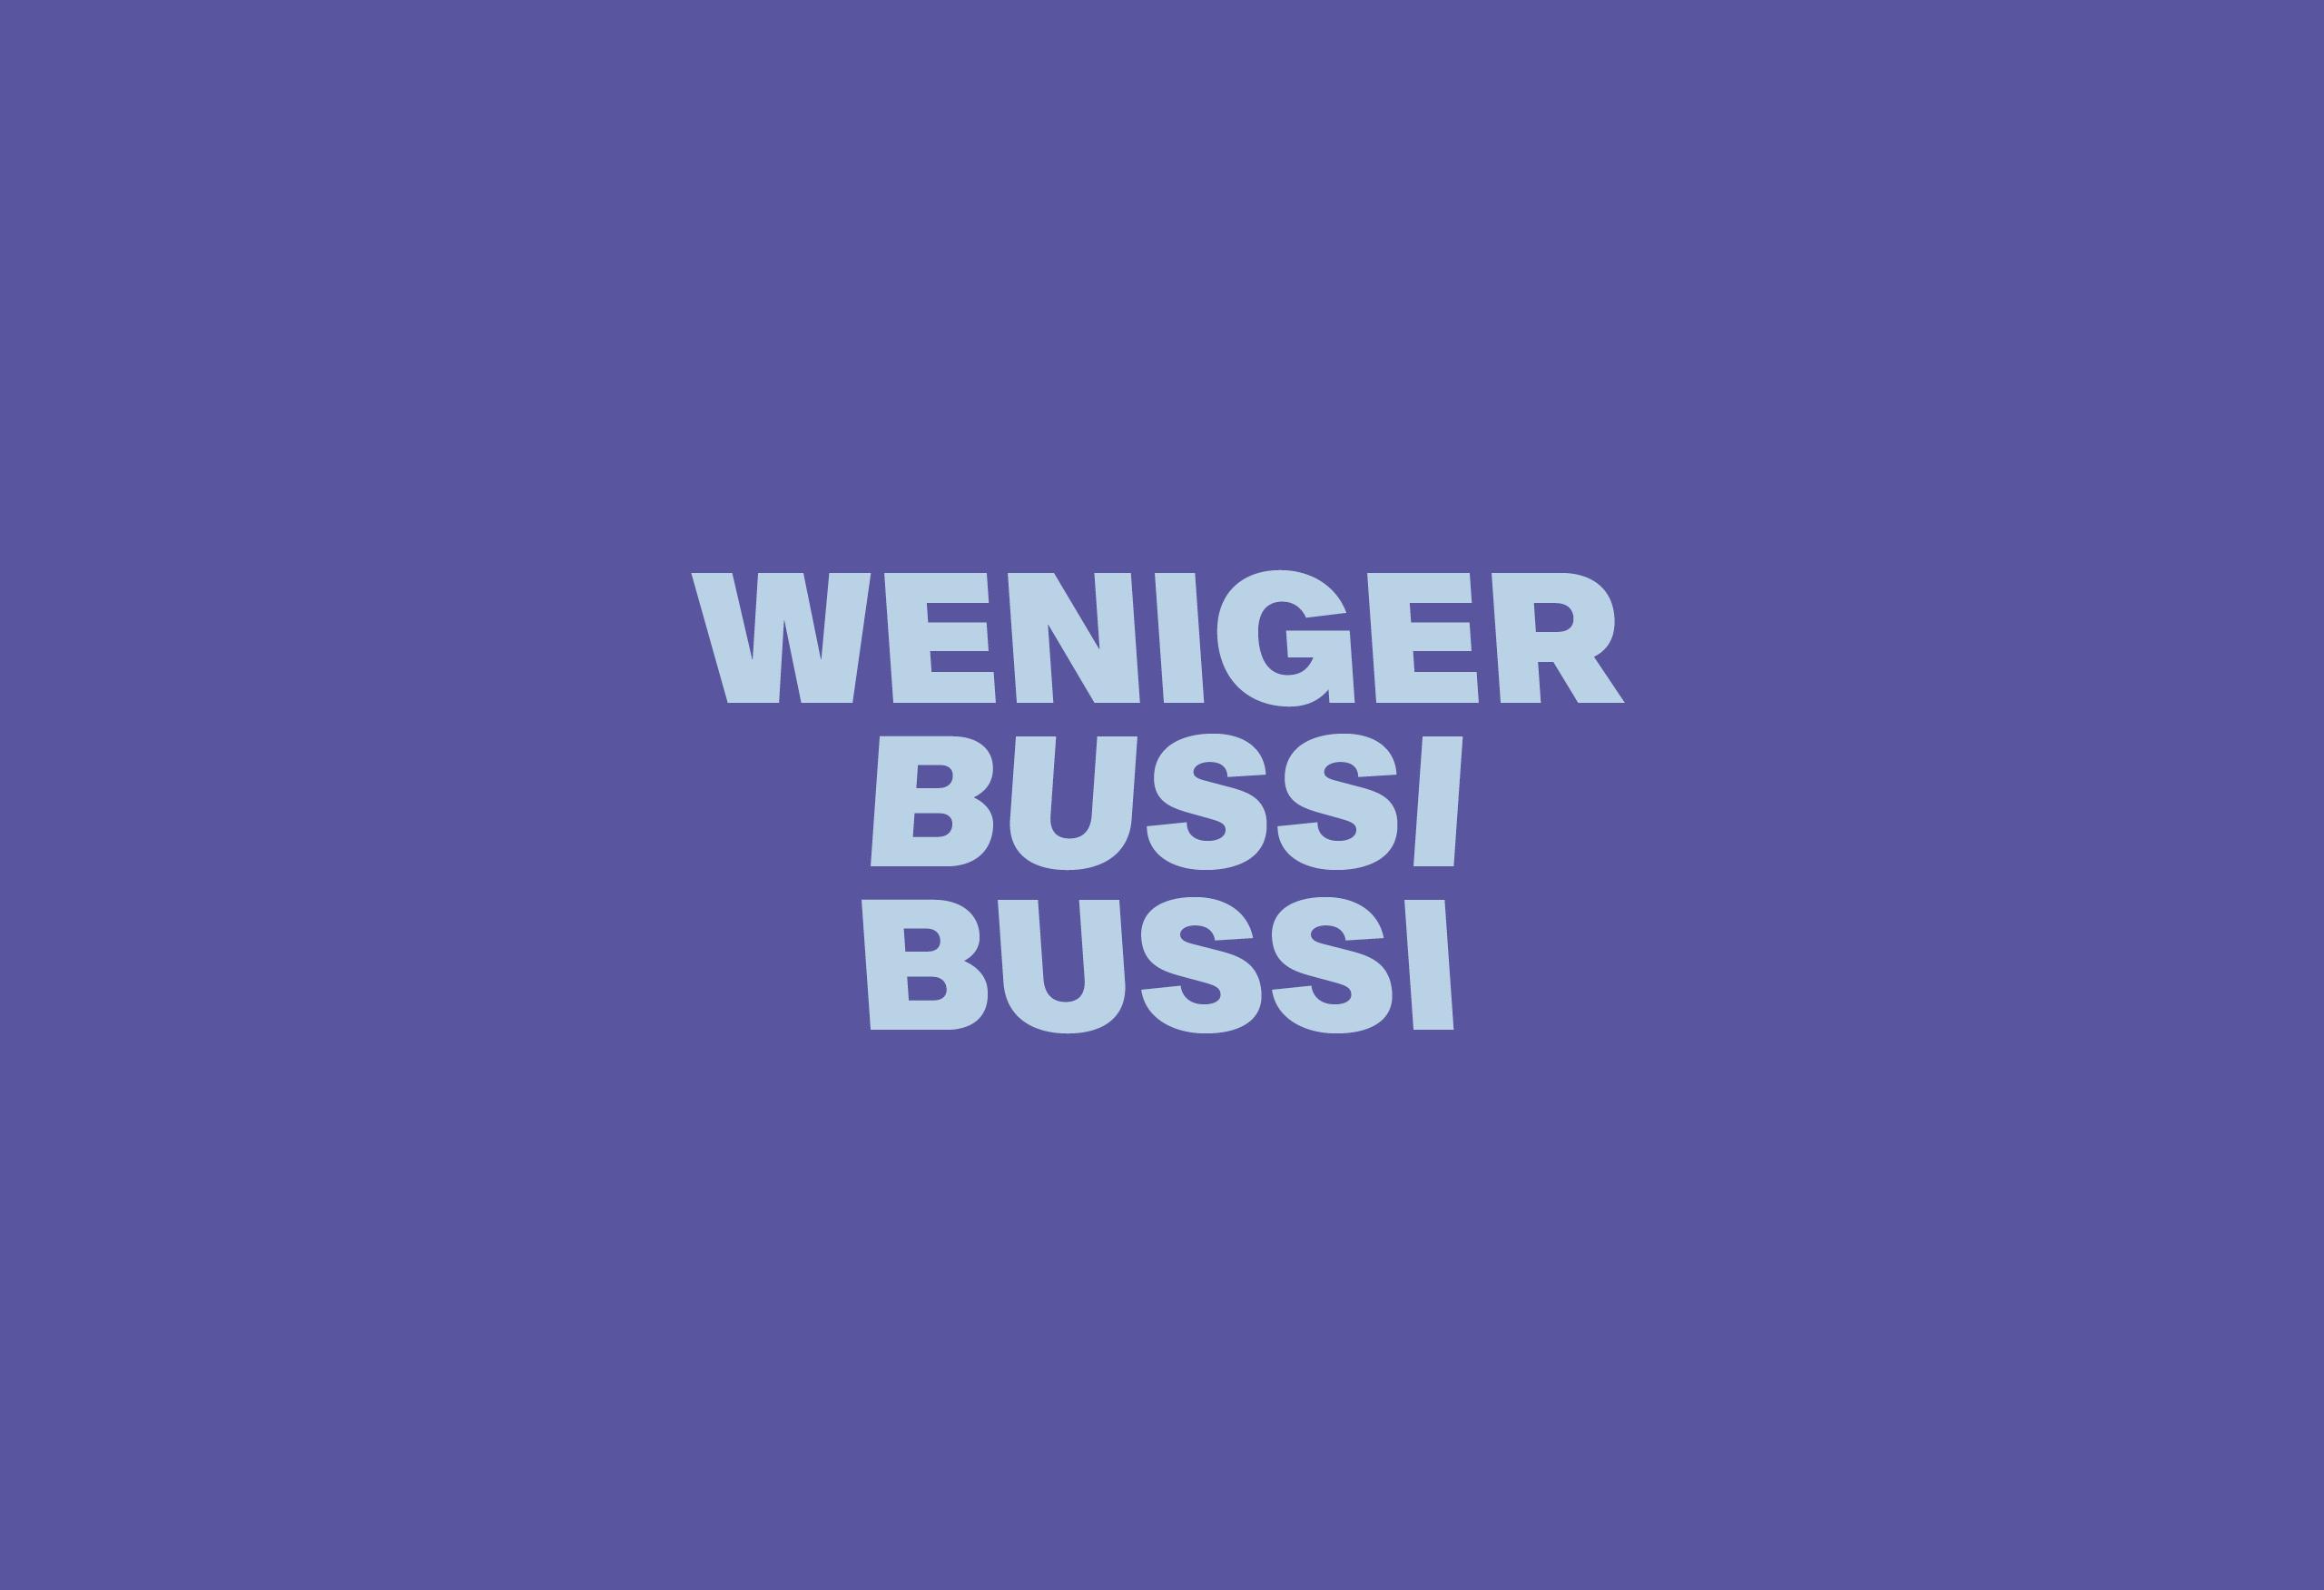 Caesar Bussi Bussi